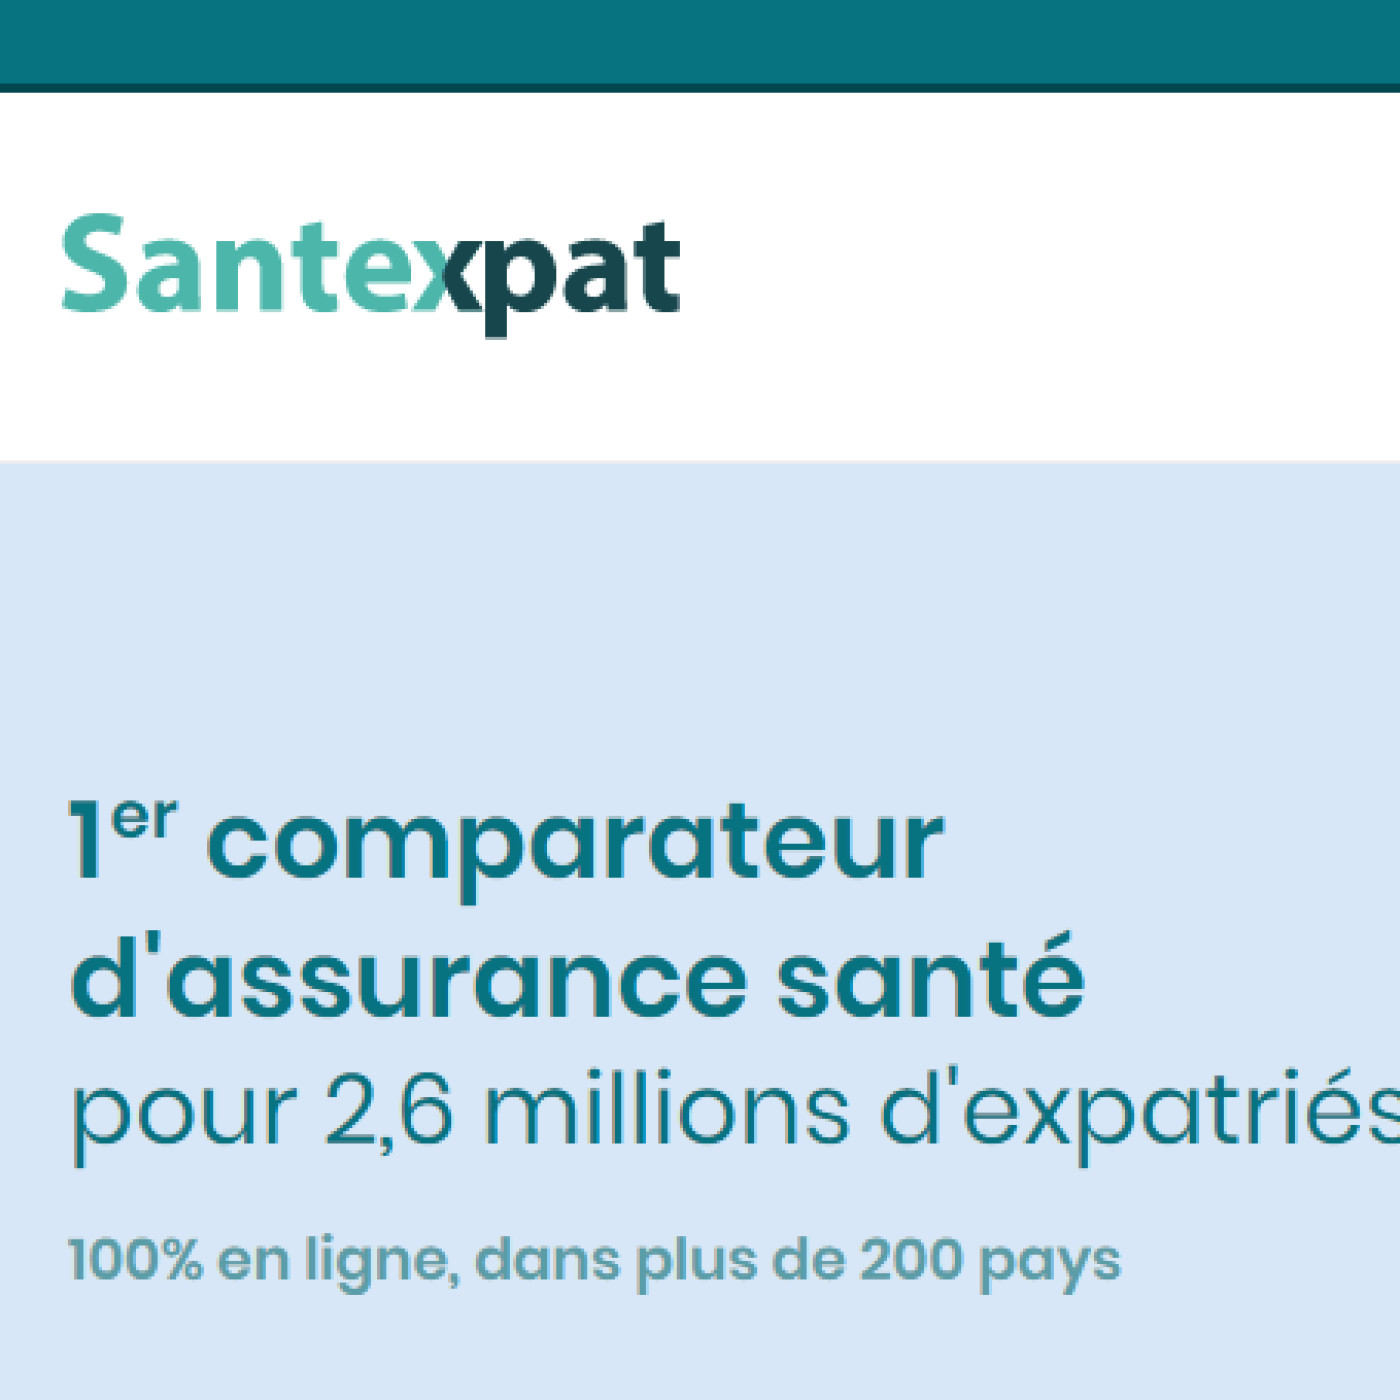 Jean Christophe, fondateur du site Santexpat - 12 01 2021 - StereoChic Radio